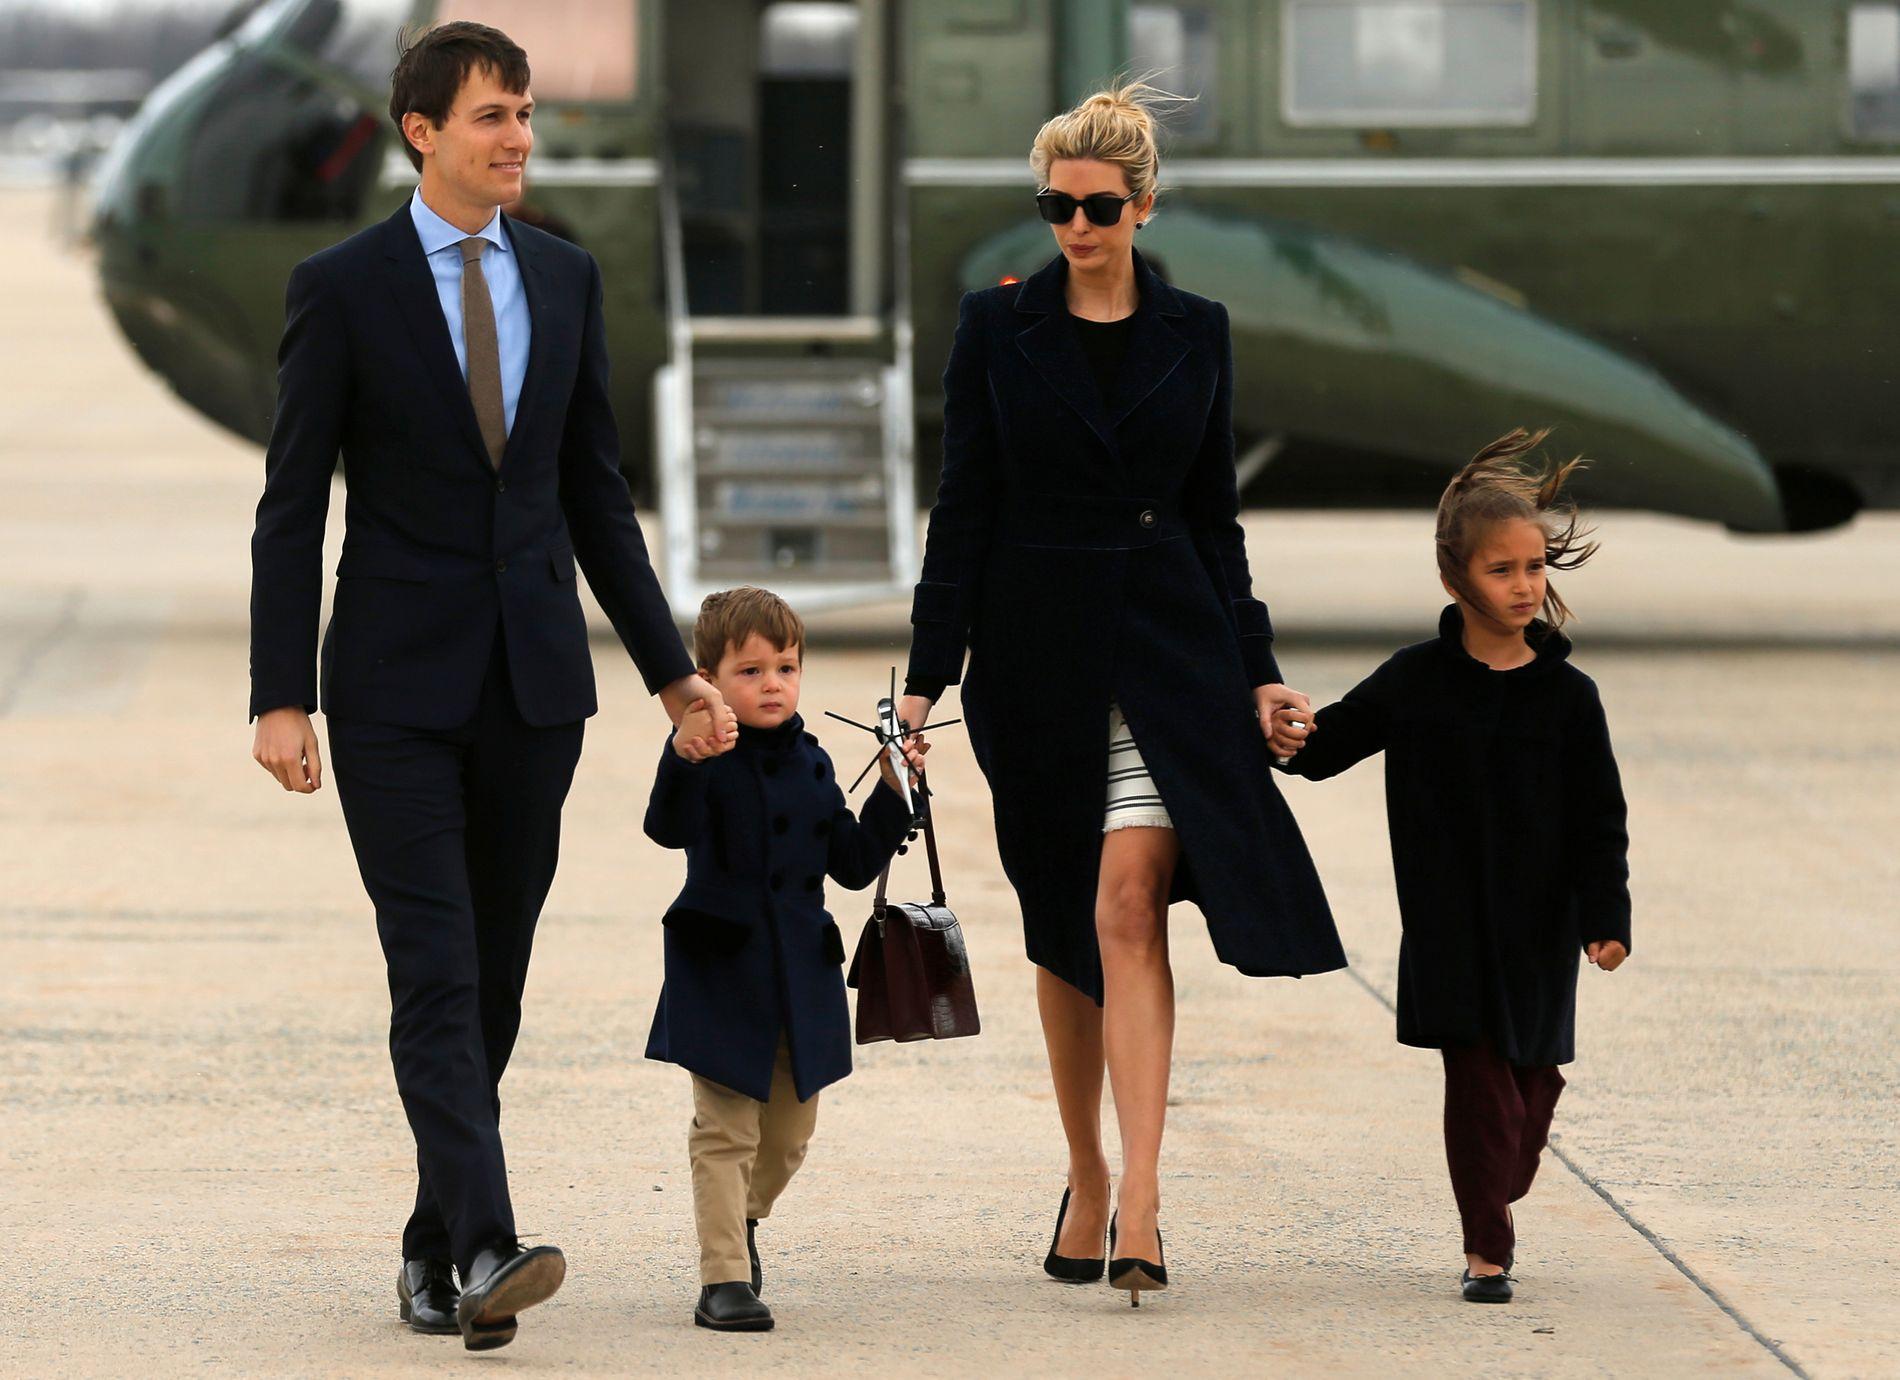 FERIE: Her er Ivanka Trump, Jared Kushner og barna Joseph and Arabella Kushner på vei til Florida med Air Force One.